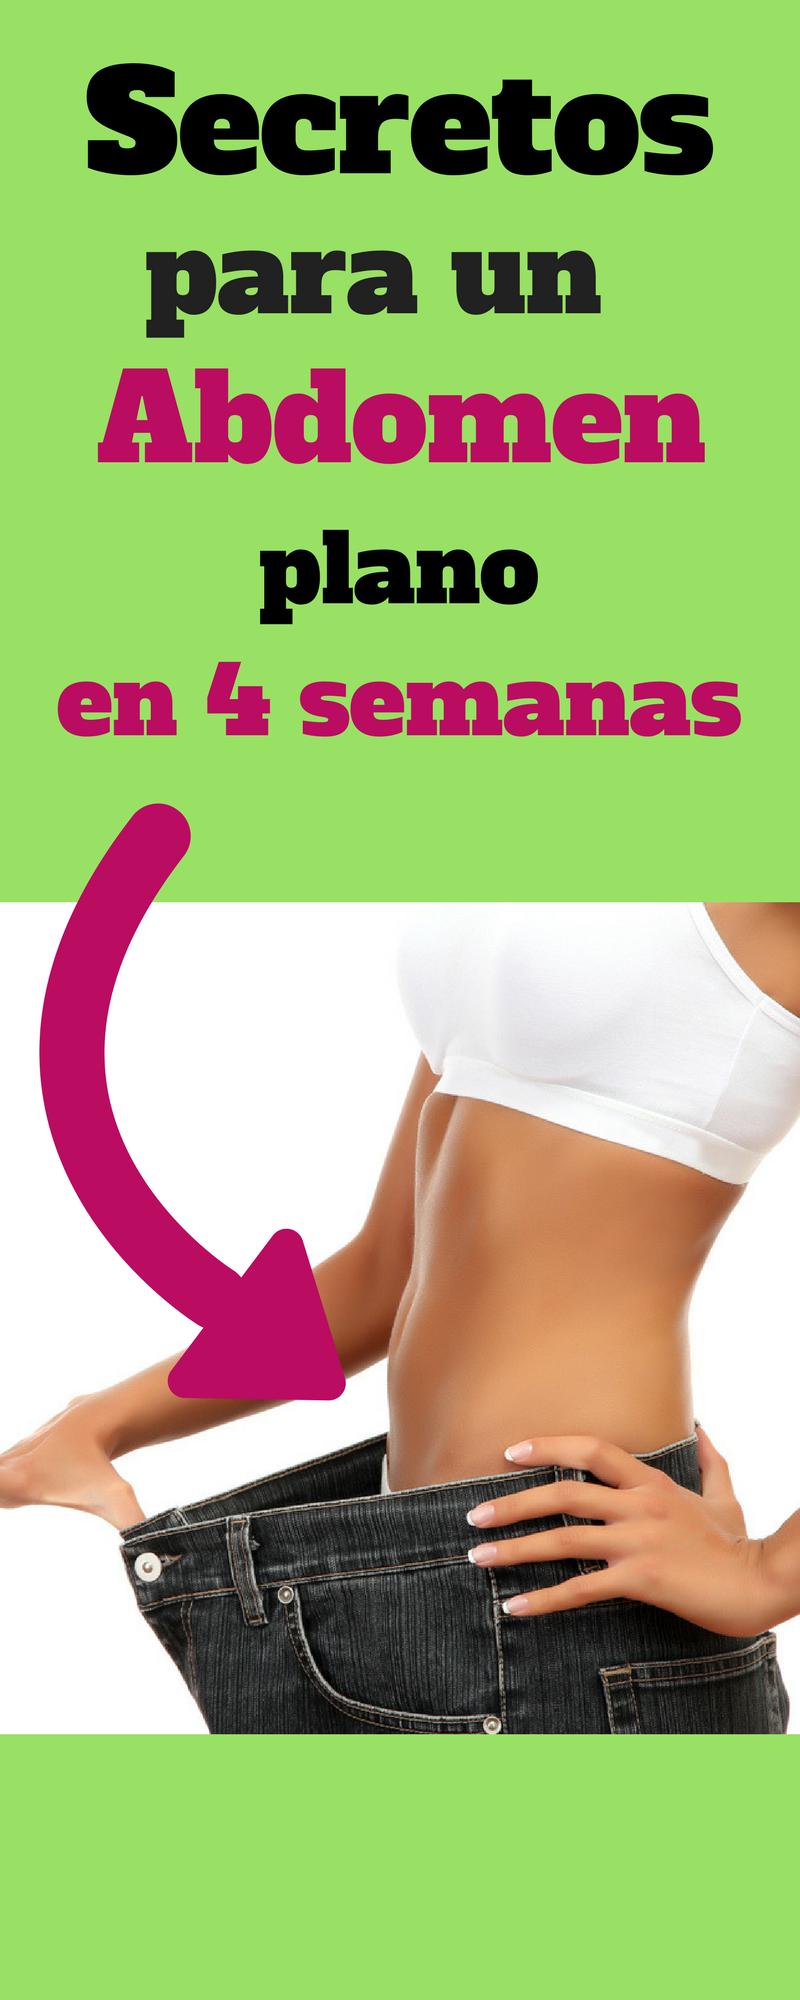 Dieta para adelgazar barriga hombres